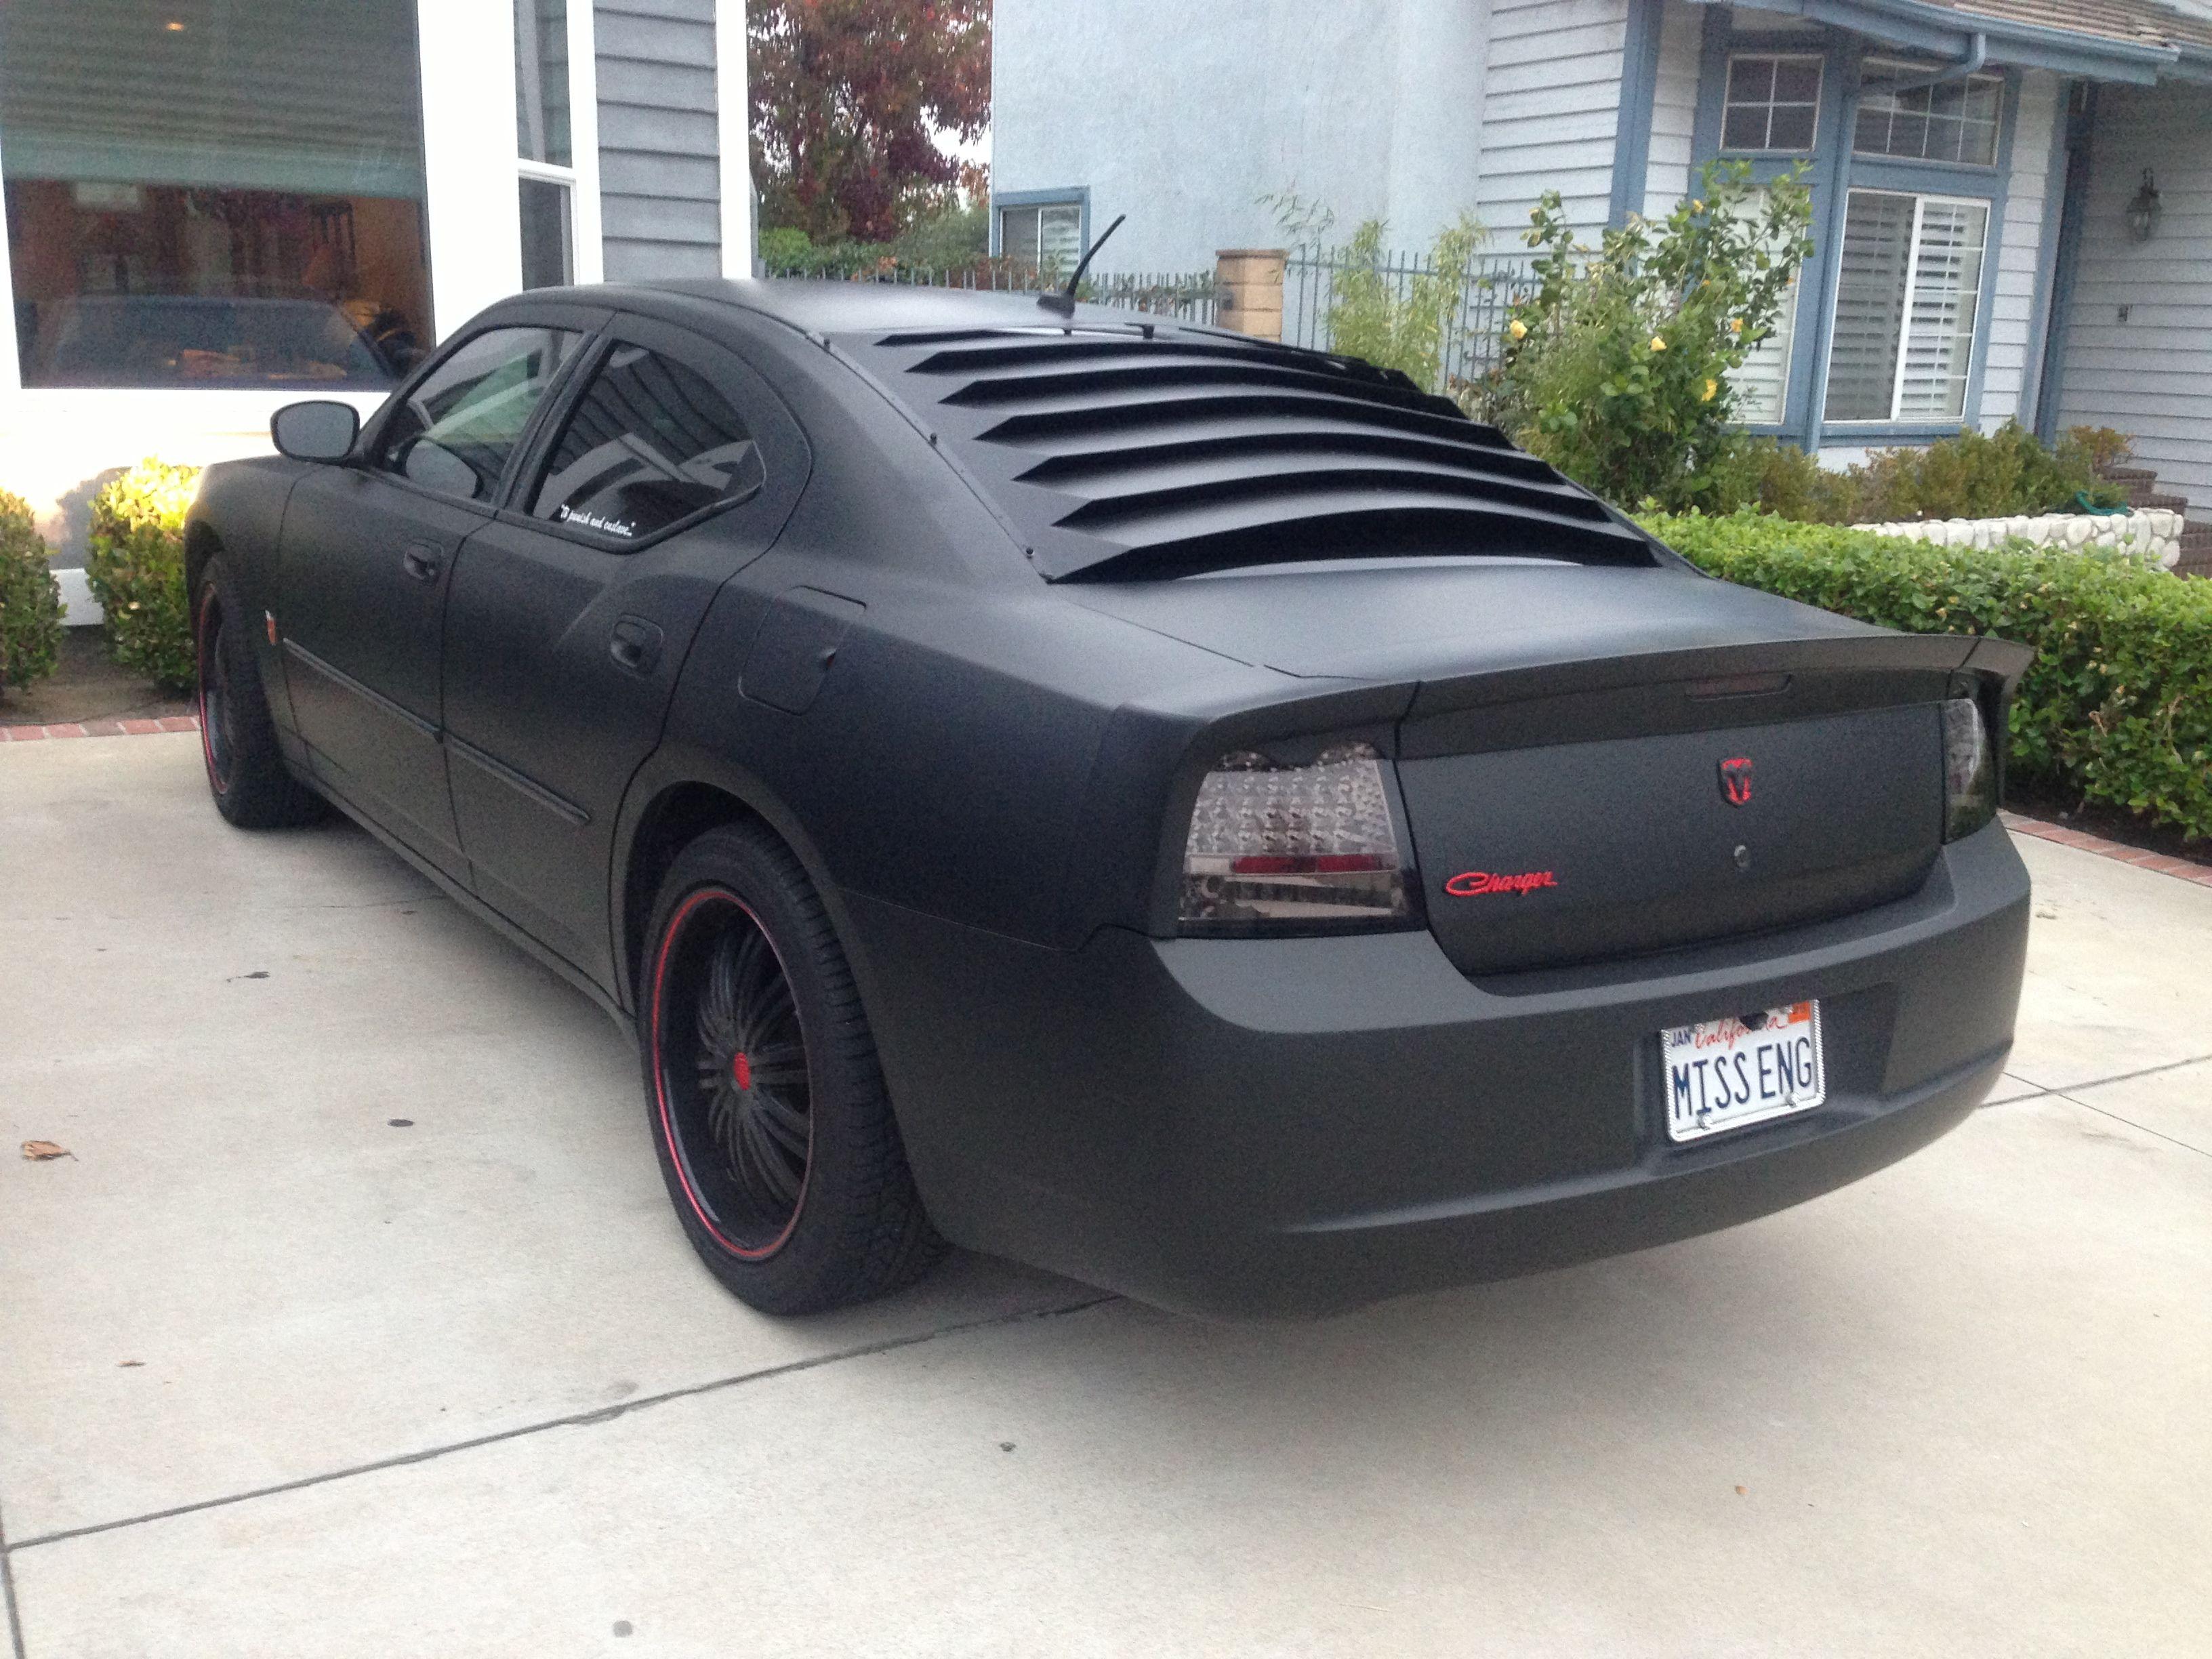 matte black dodge charger car bad boy toys pinterest cars matte black and charger. Black Bedroom Furniture Sets. Home Design Ideas